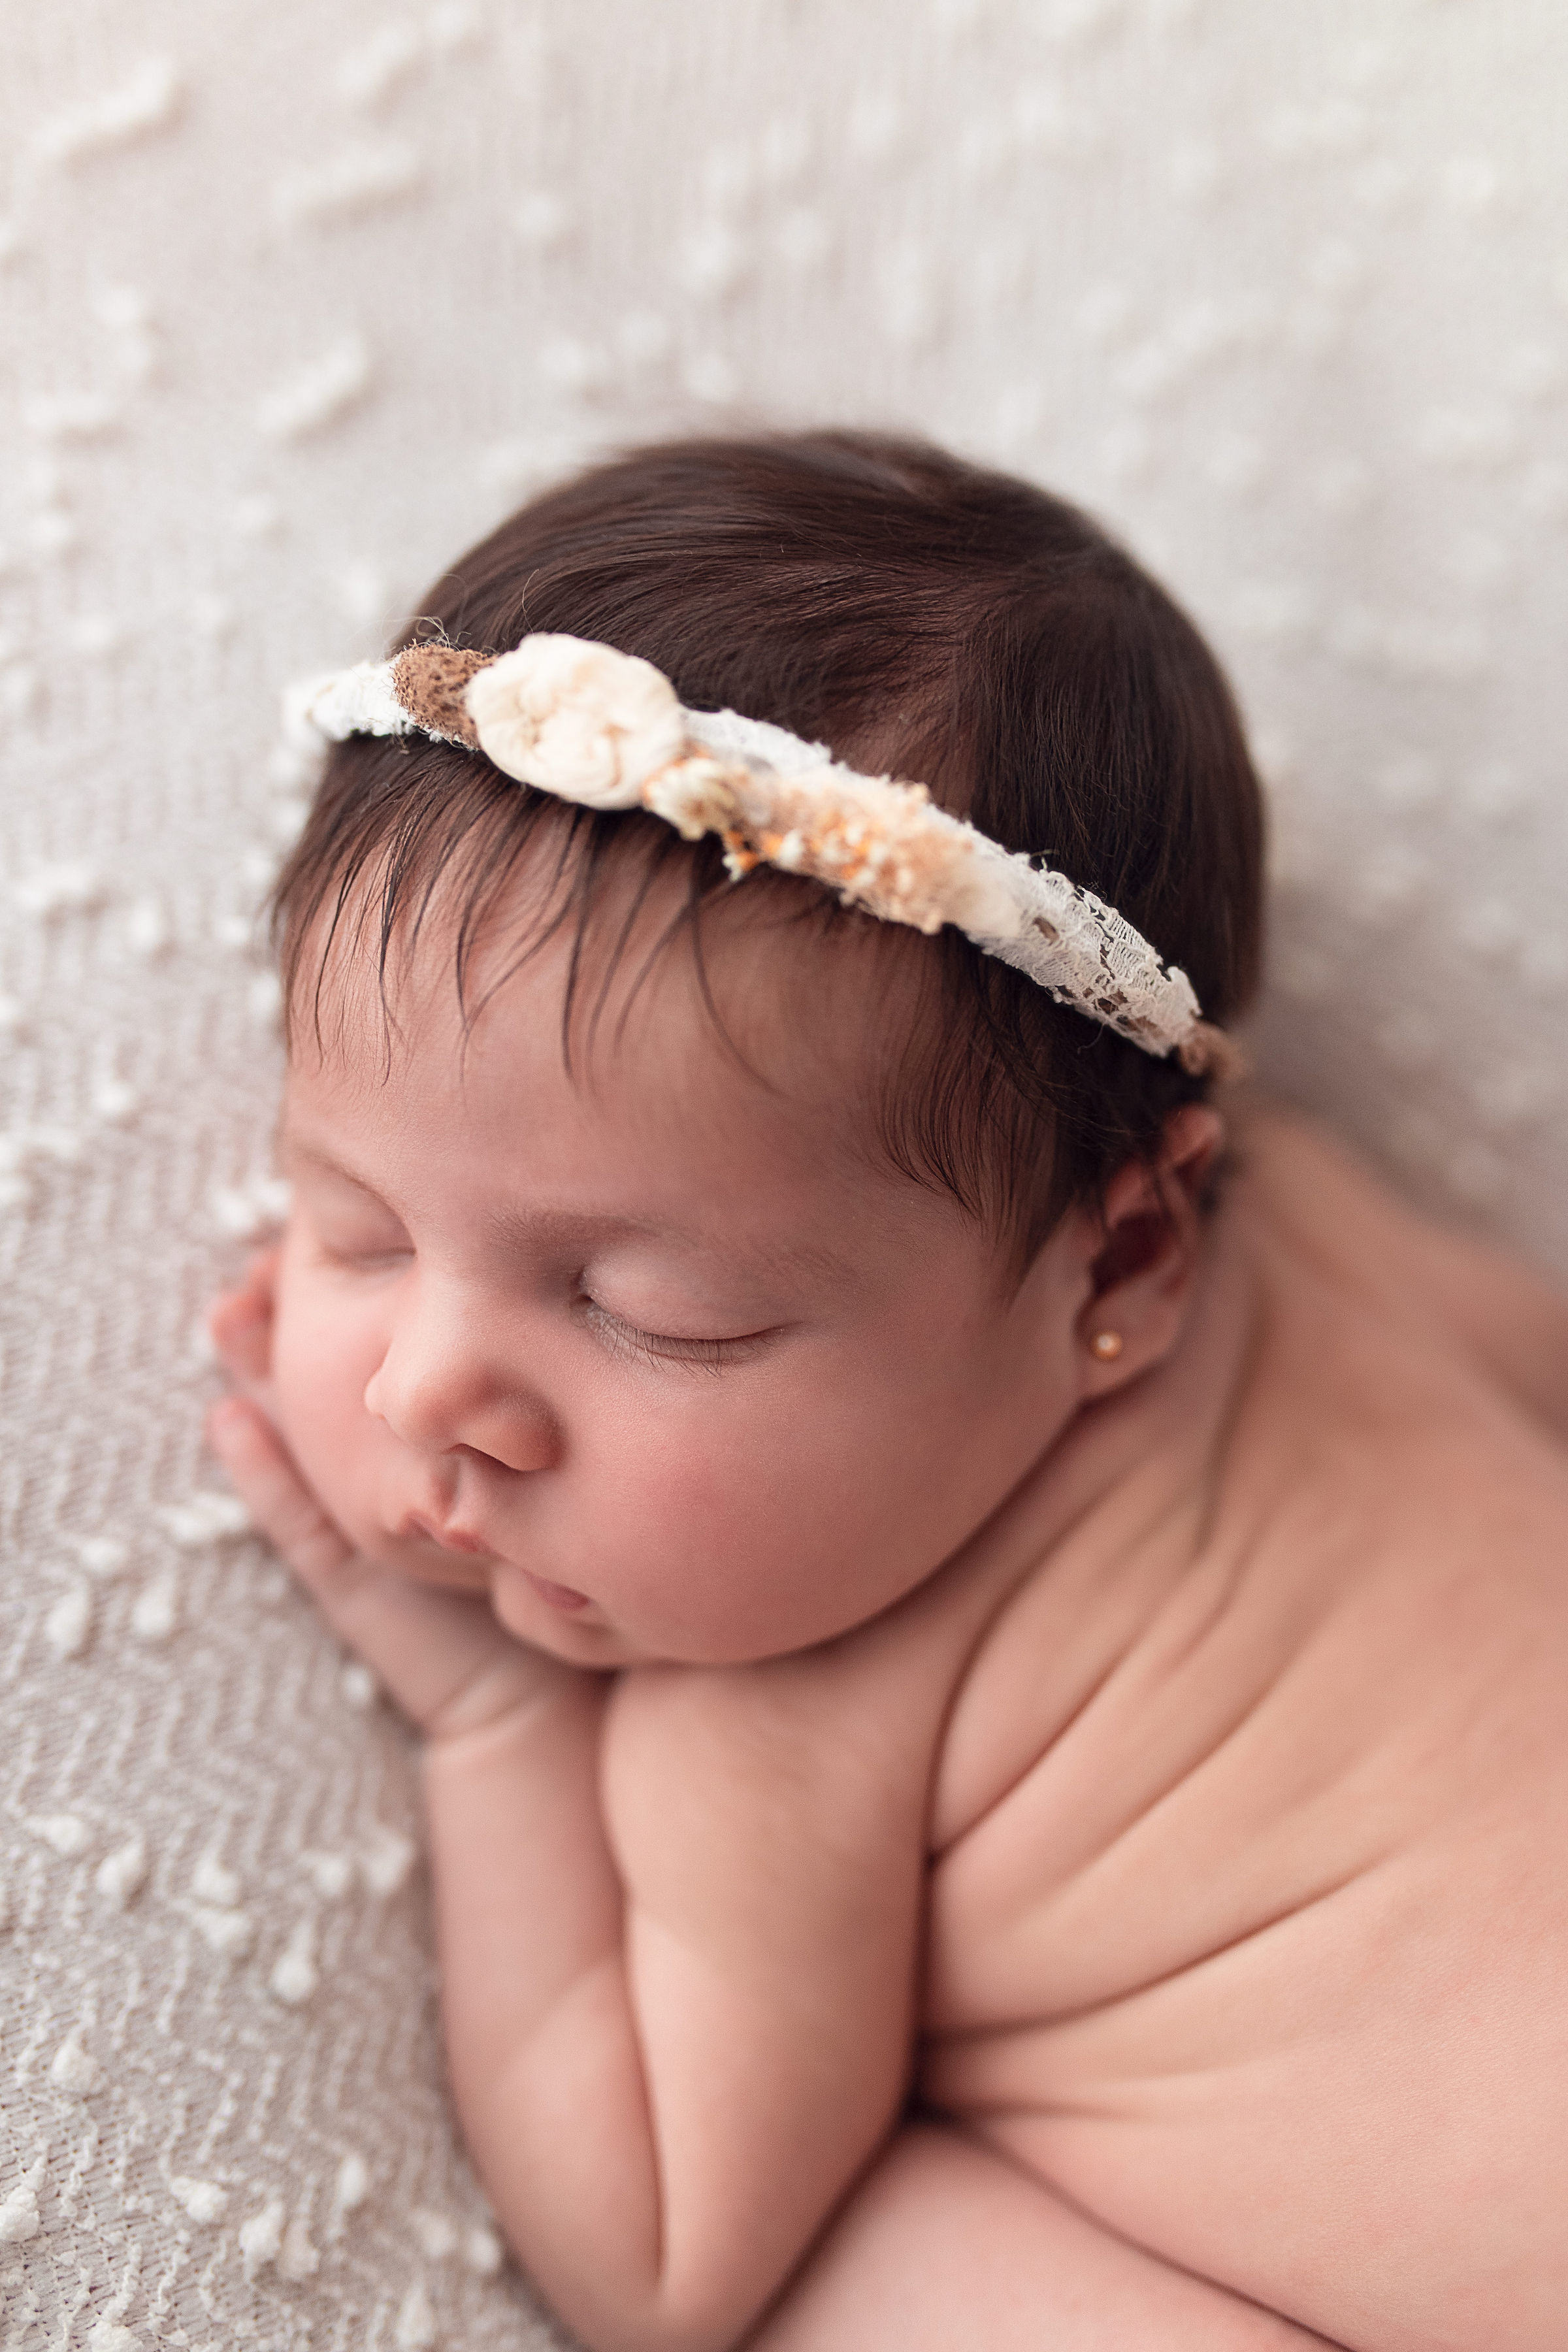 ensaio-newborn-fotografia-rio-de-janeiro-rj-barra-da-tijuca-estudio-em-casa-domicilio-perinatal-laranjeiras-zona-sul-sao-paulo-sp-rogerio-leandro-dr-workshop-mentoria-vip-melhor-14.jpg